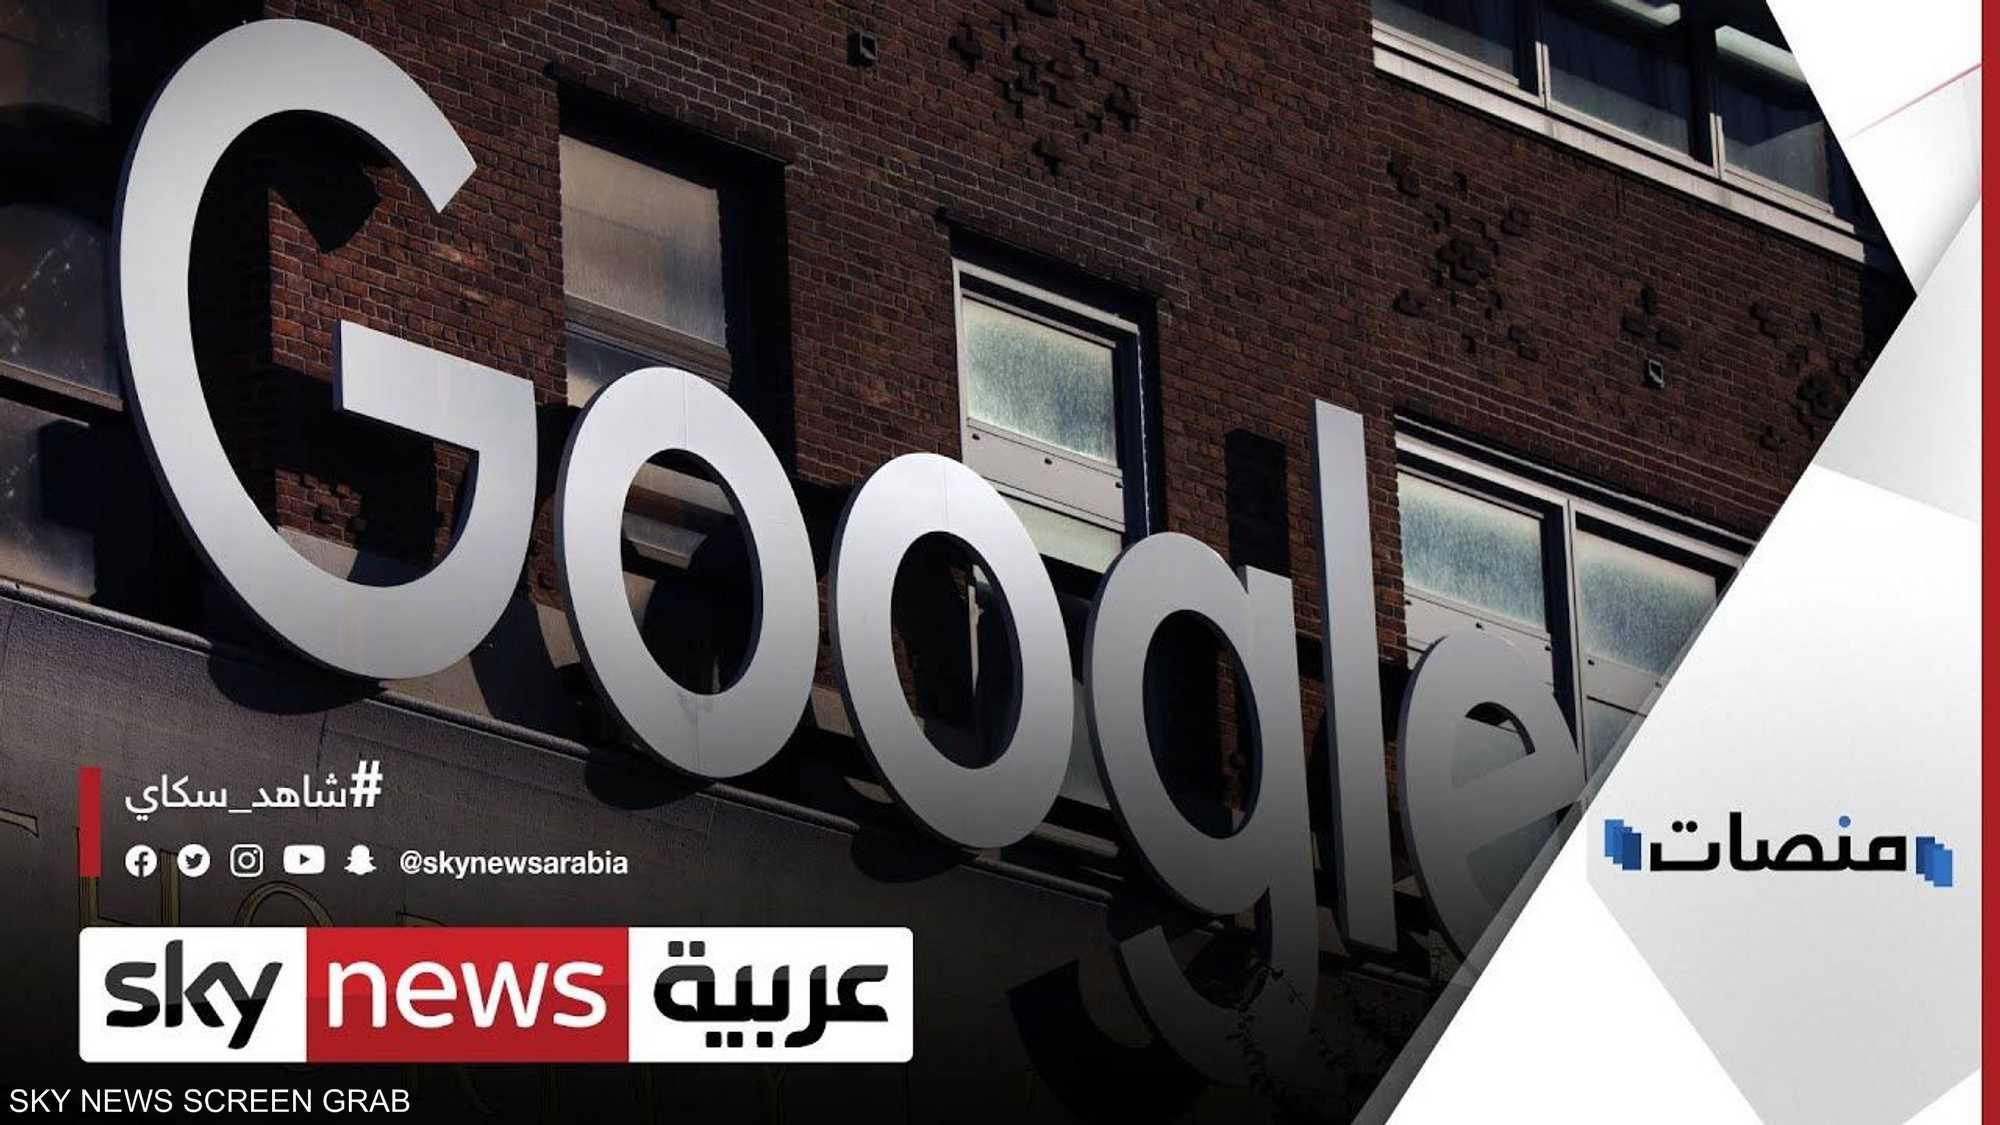 غوغل تواجه أضخم قضية قانونية من نوعها منذ 20 عاما